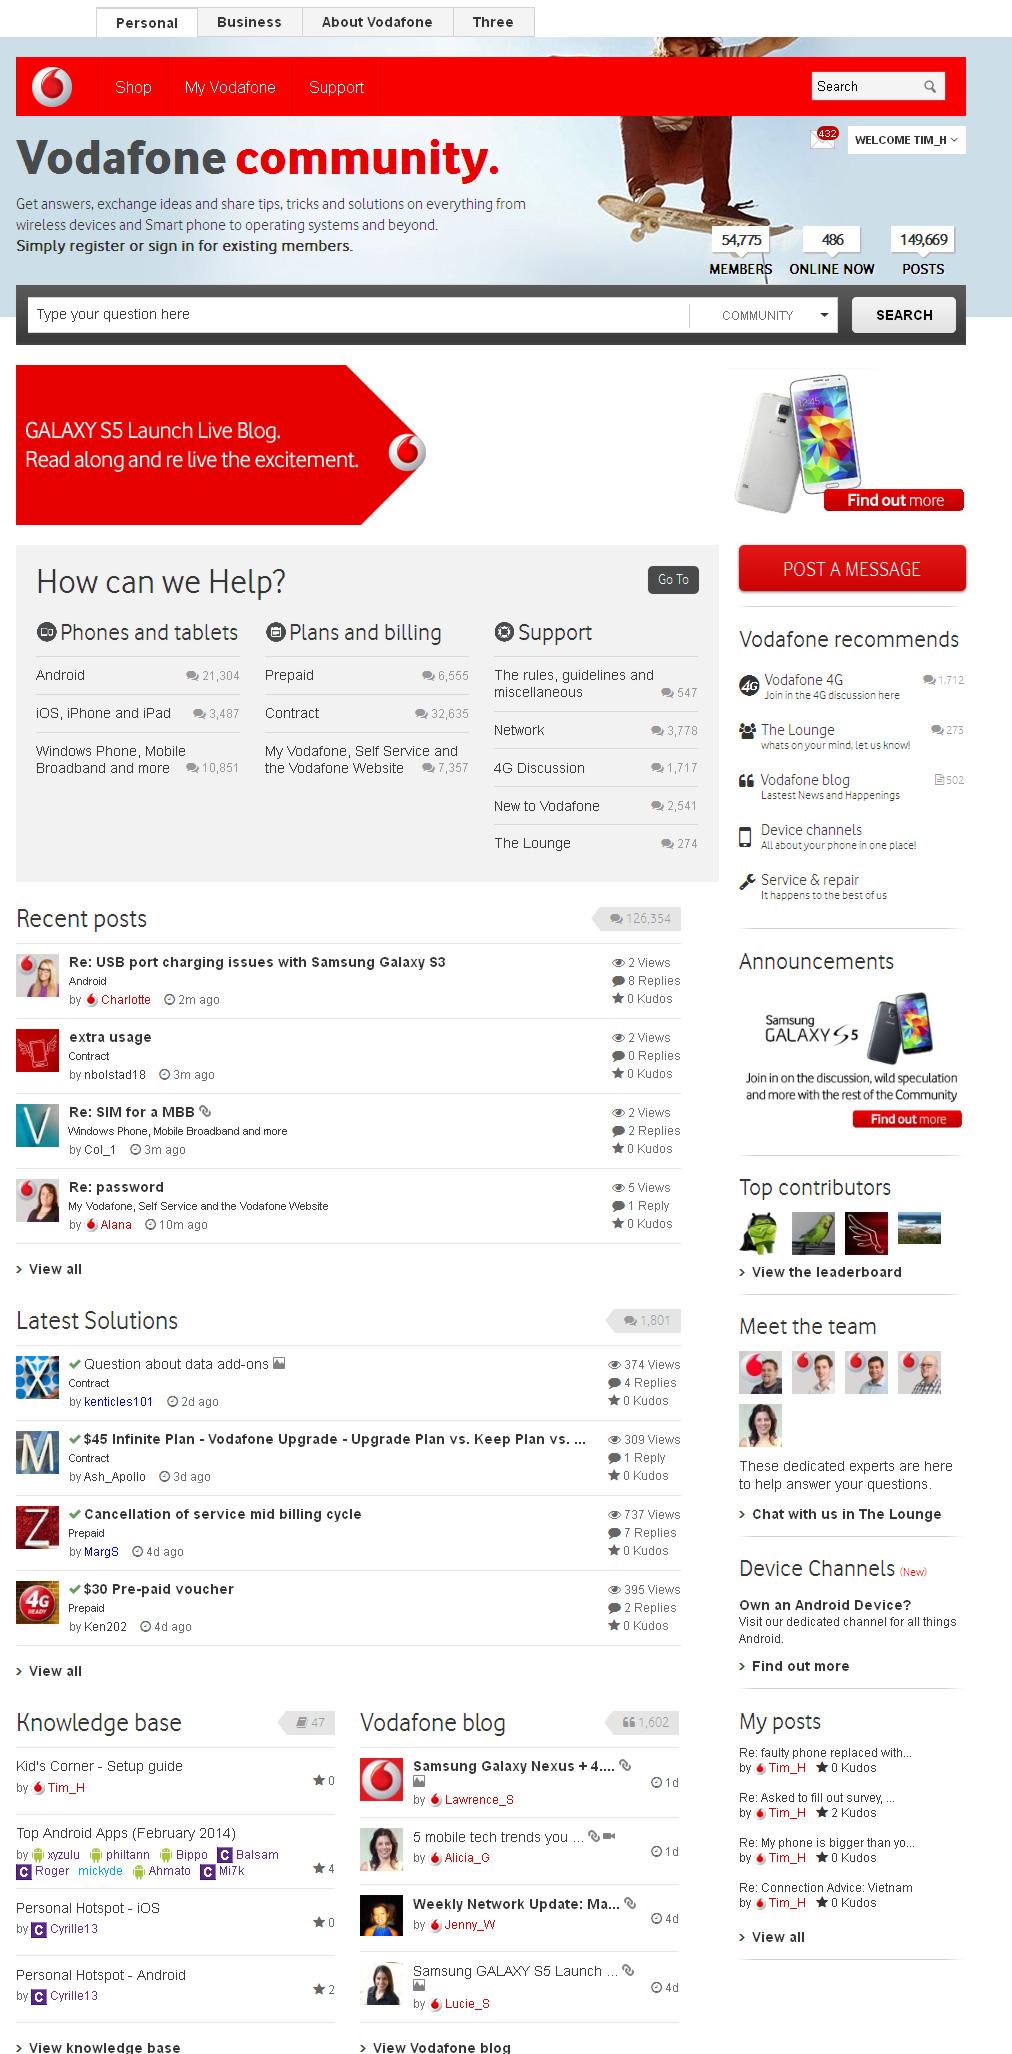 Vodafone Australia Best4.jpg